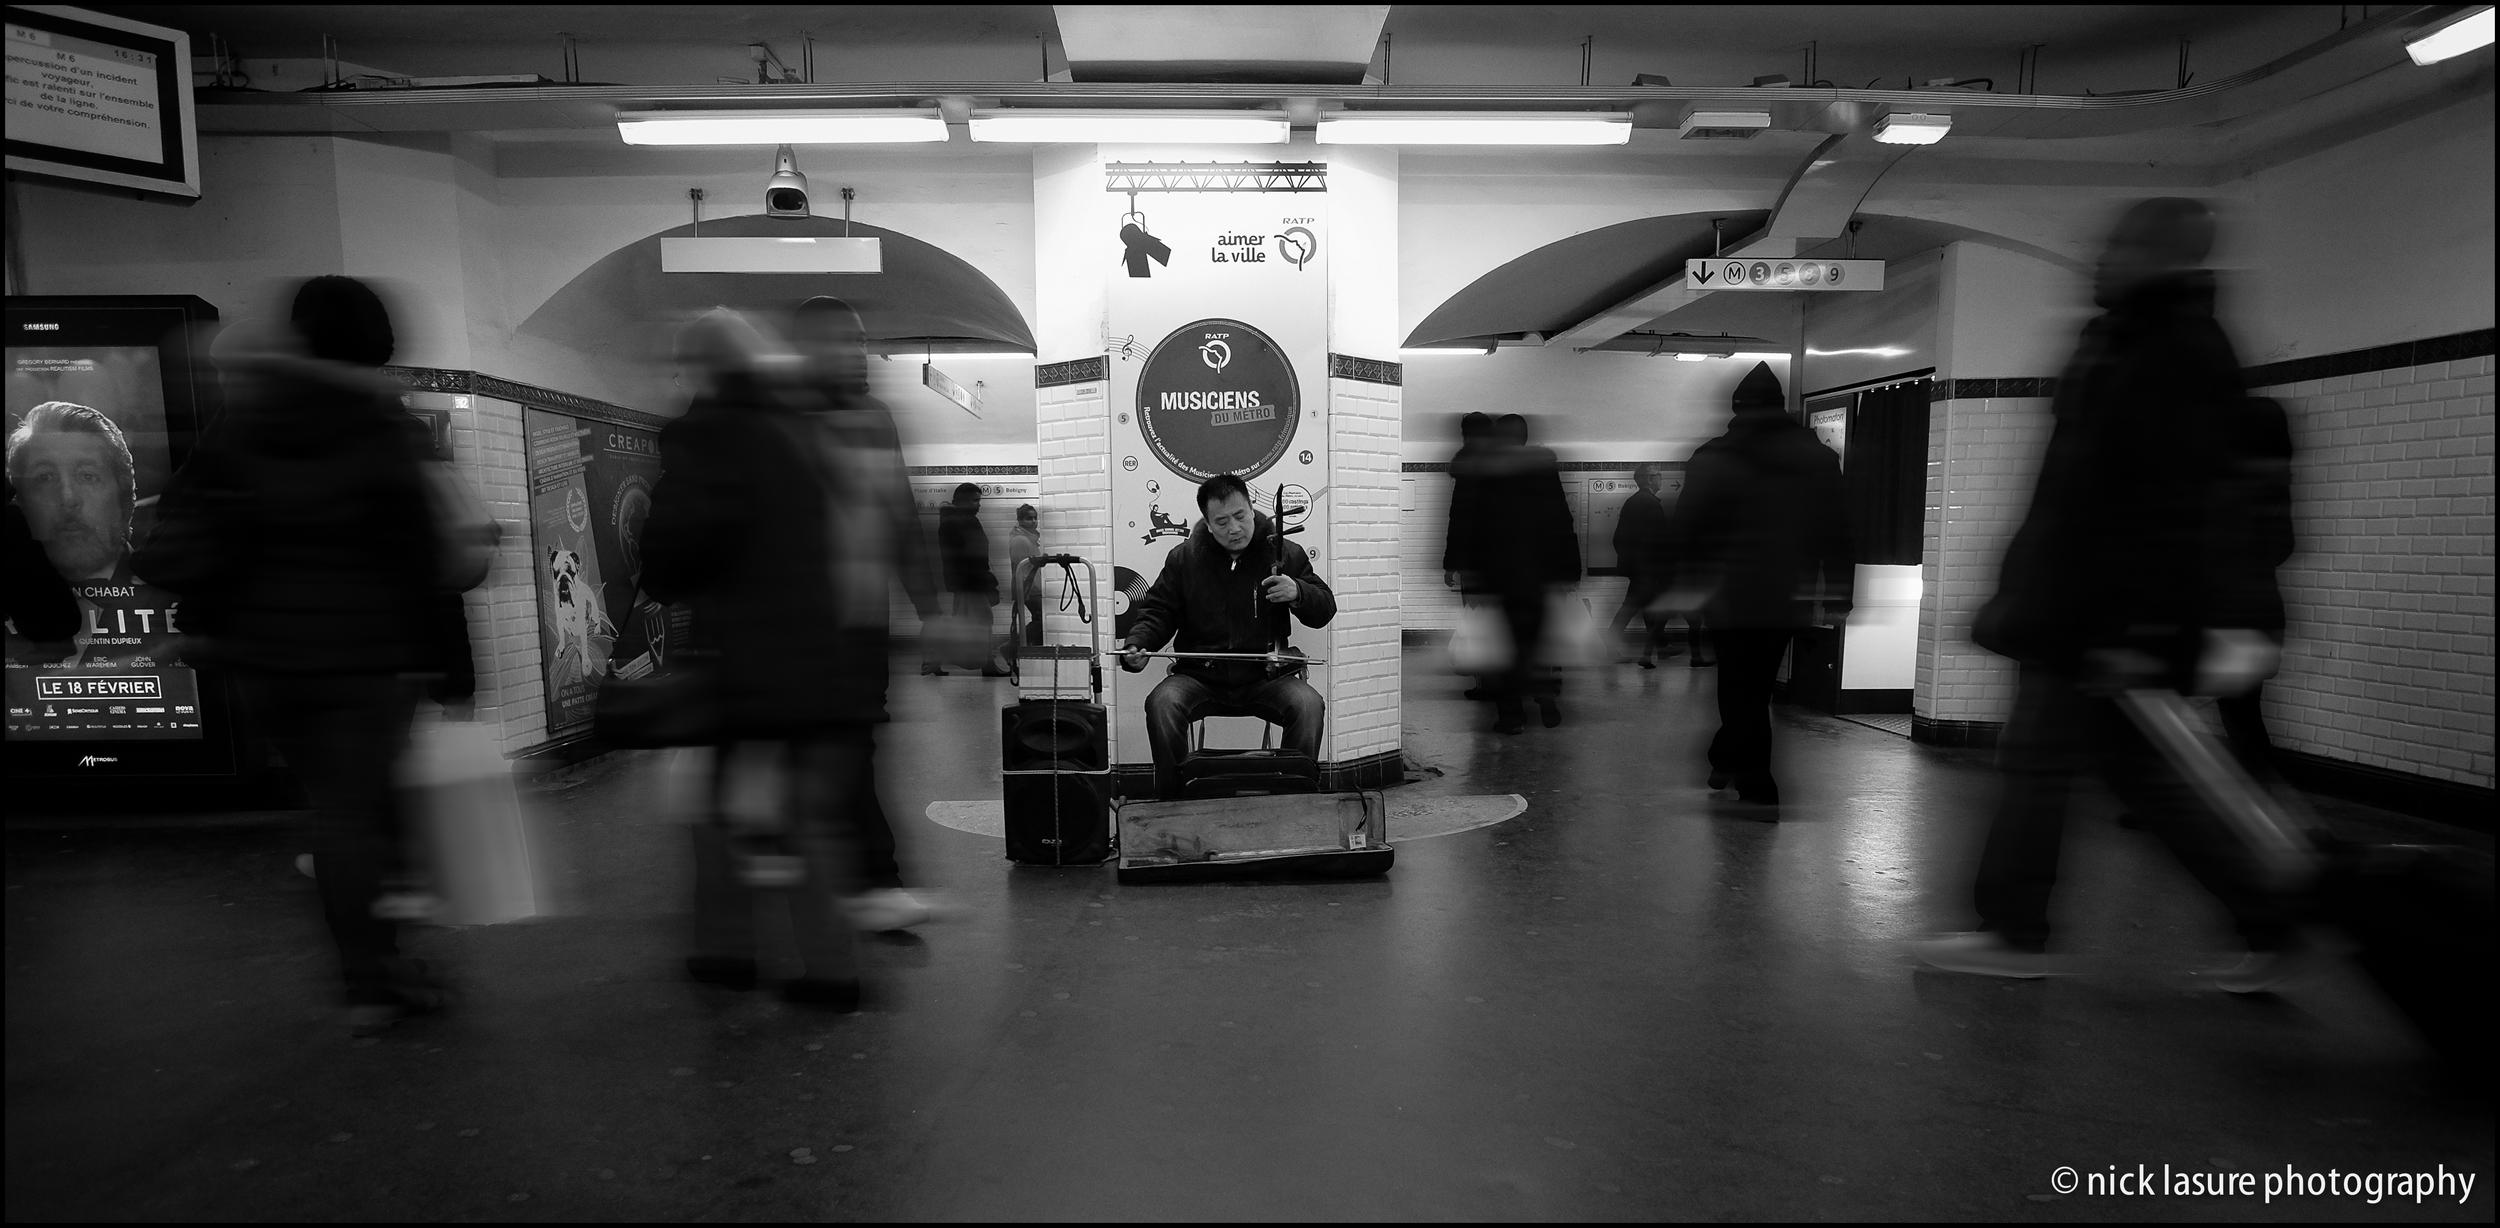 Music in the Metro | Fuji X-T1, XF 23mm